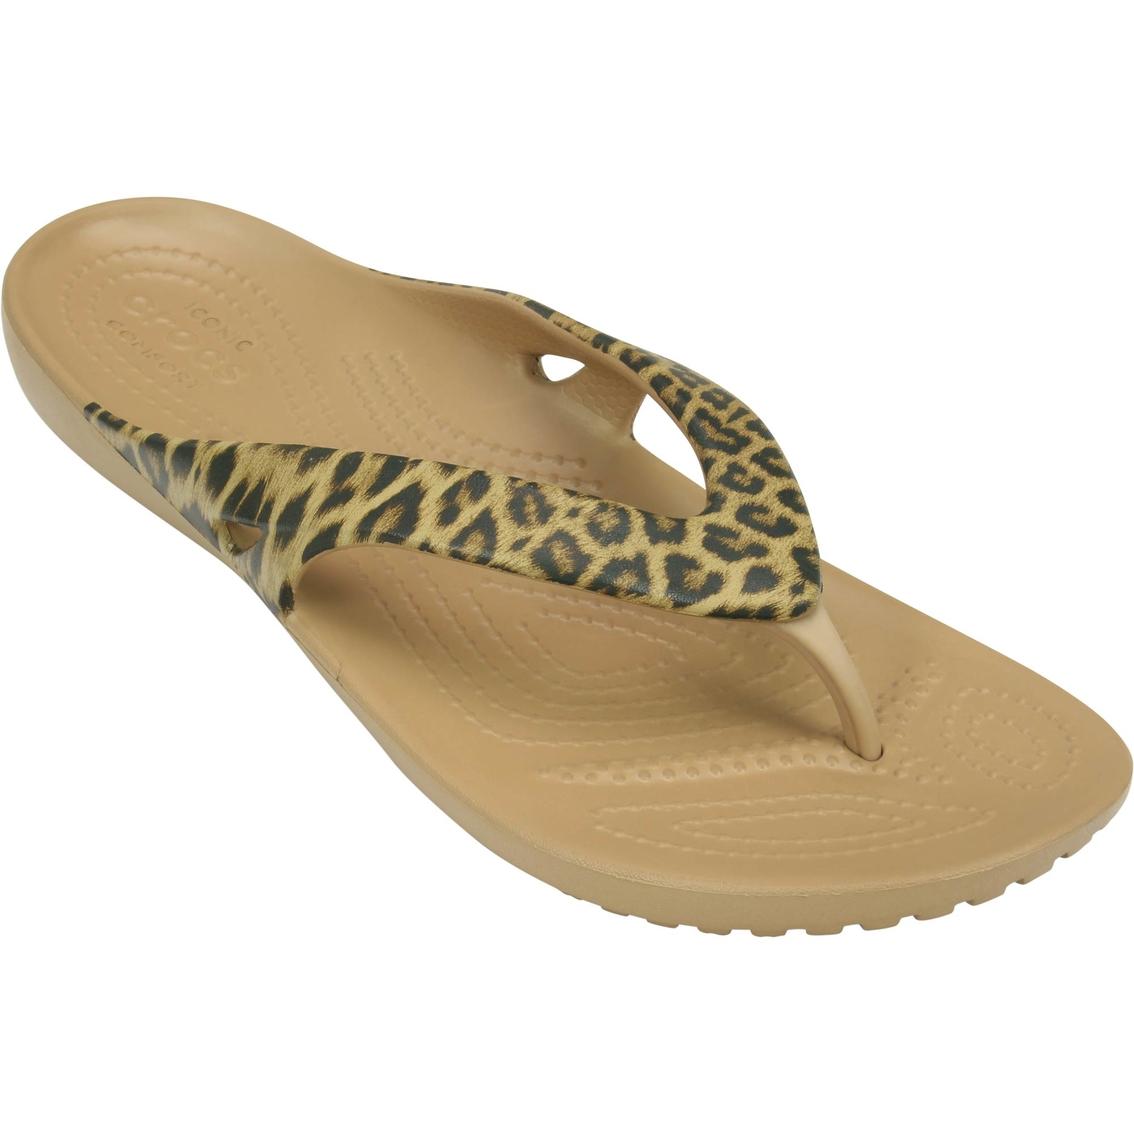 b02736698cbb Crocs Kadee Ii Leopard Print Flip Flops